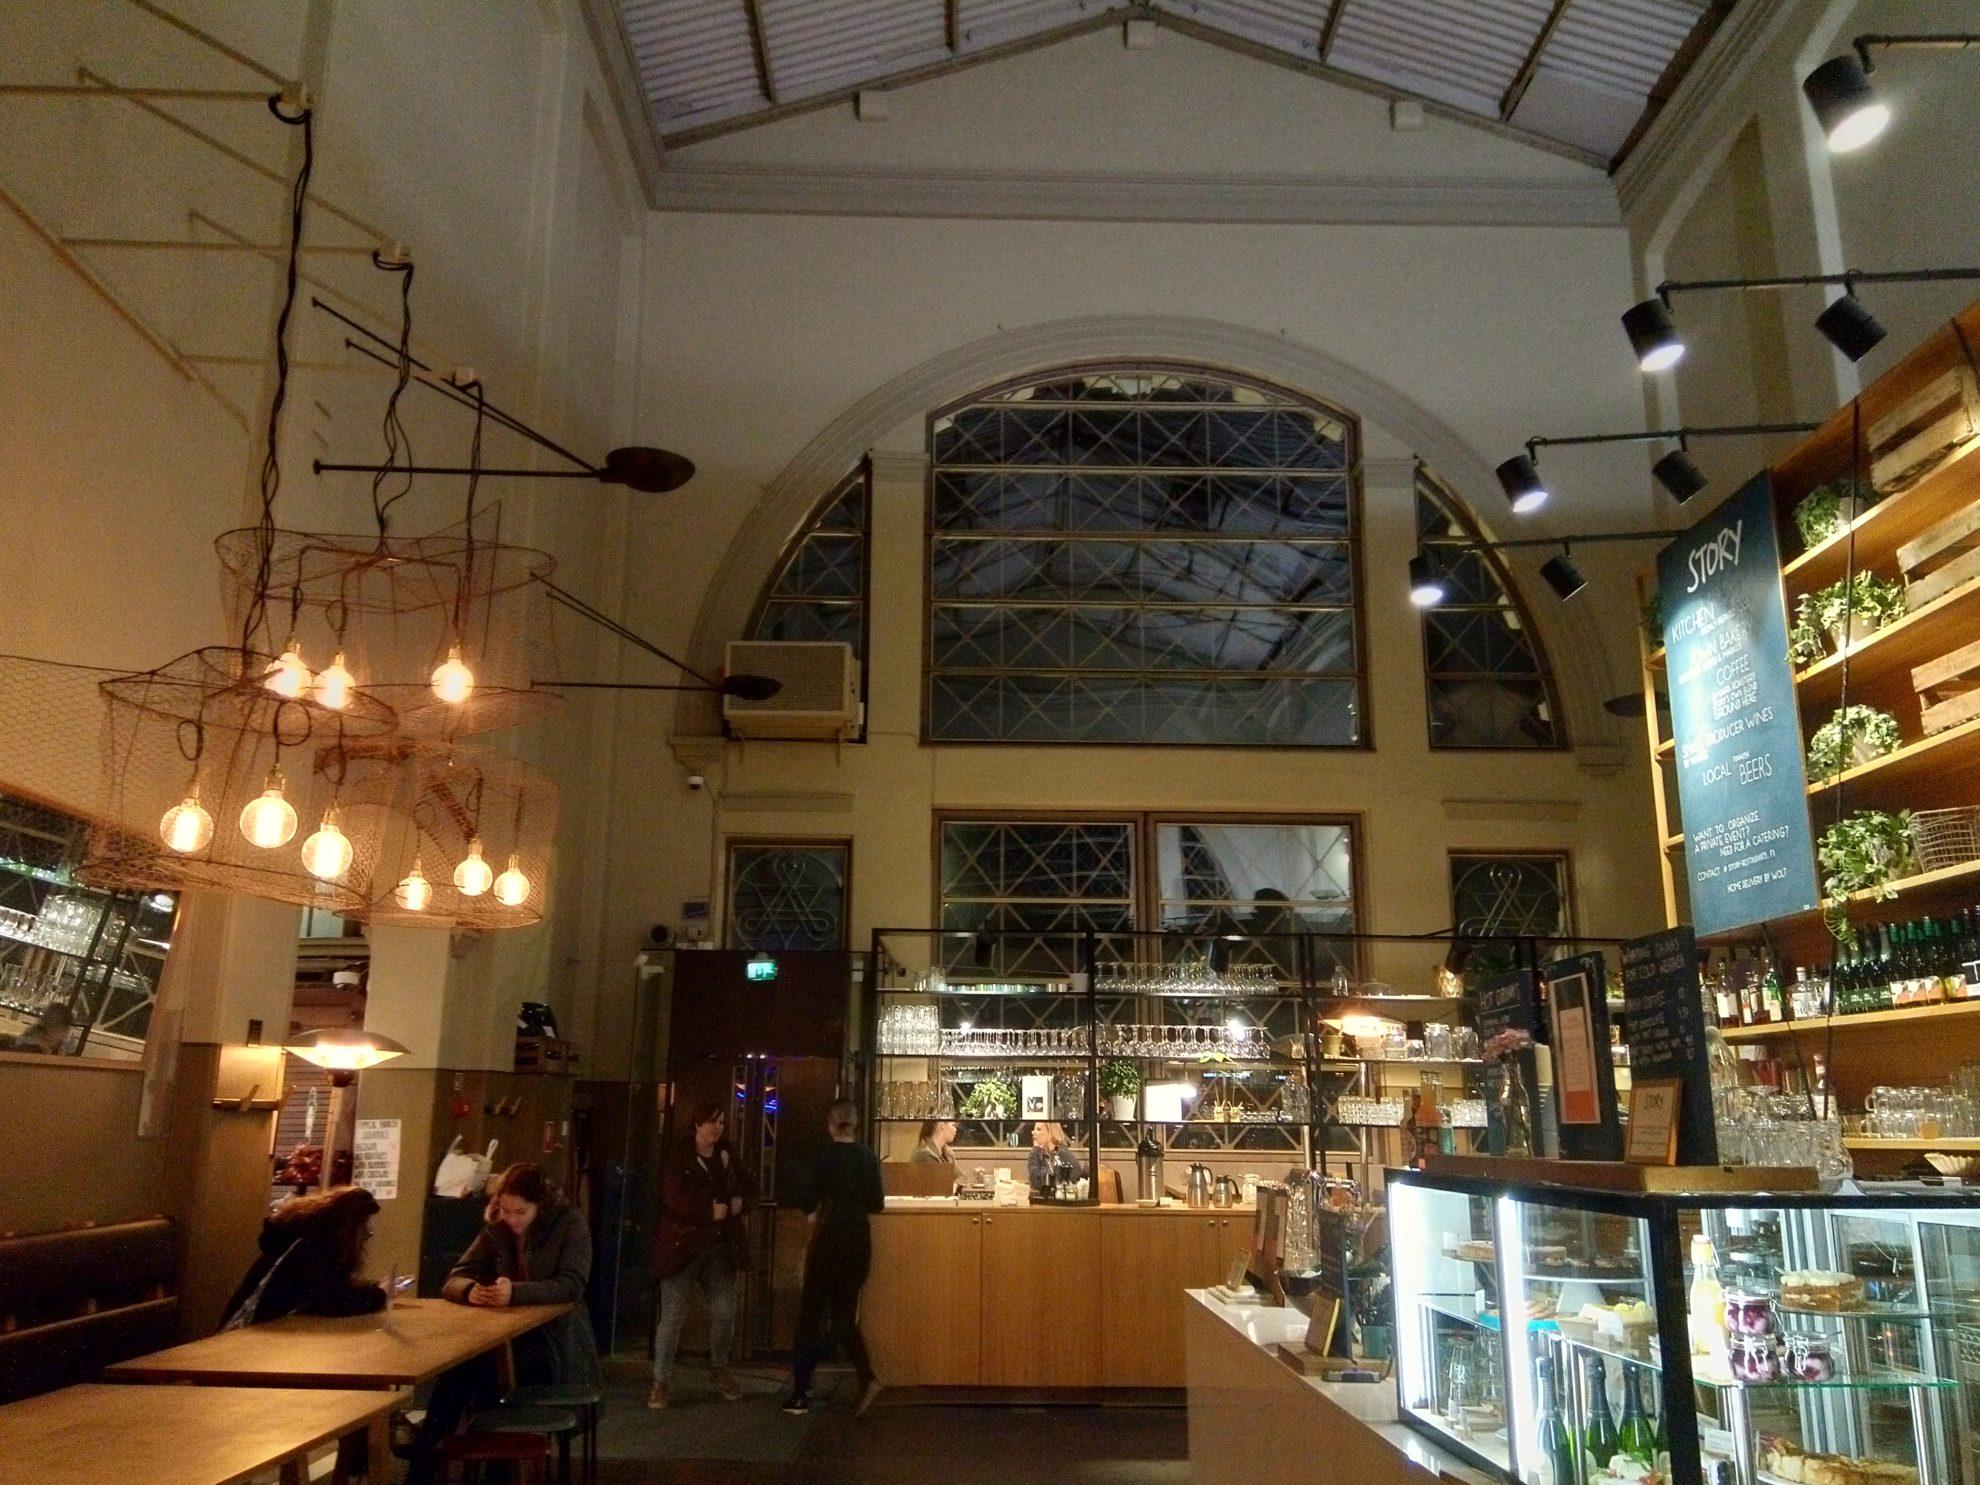 天井が高くて気持ちのいいカフェ